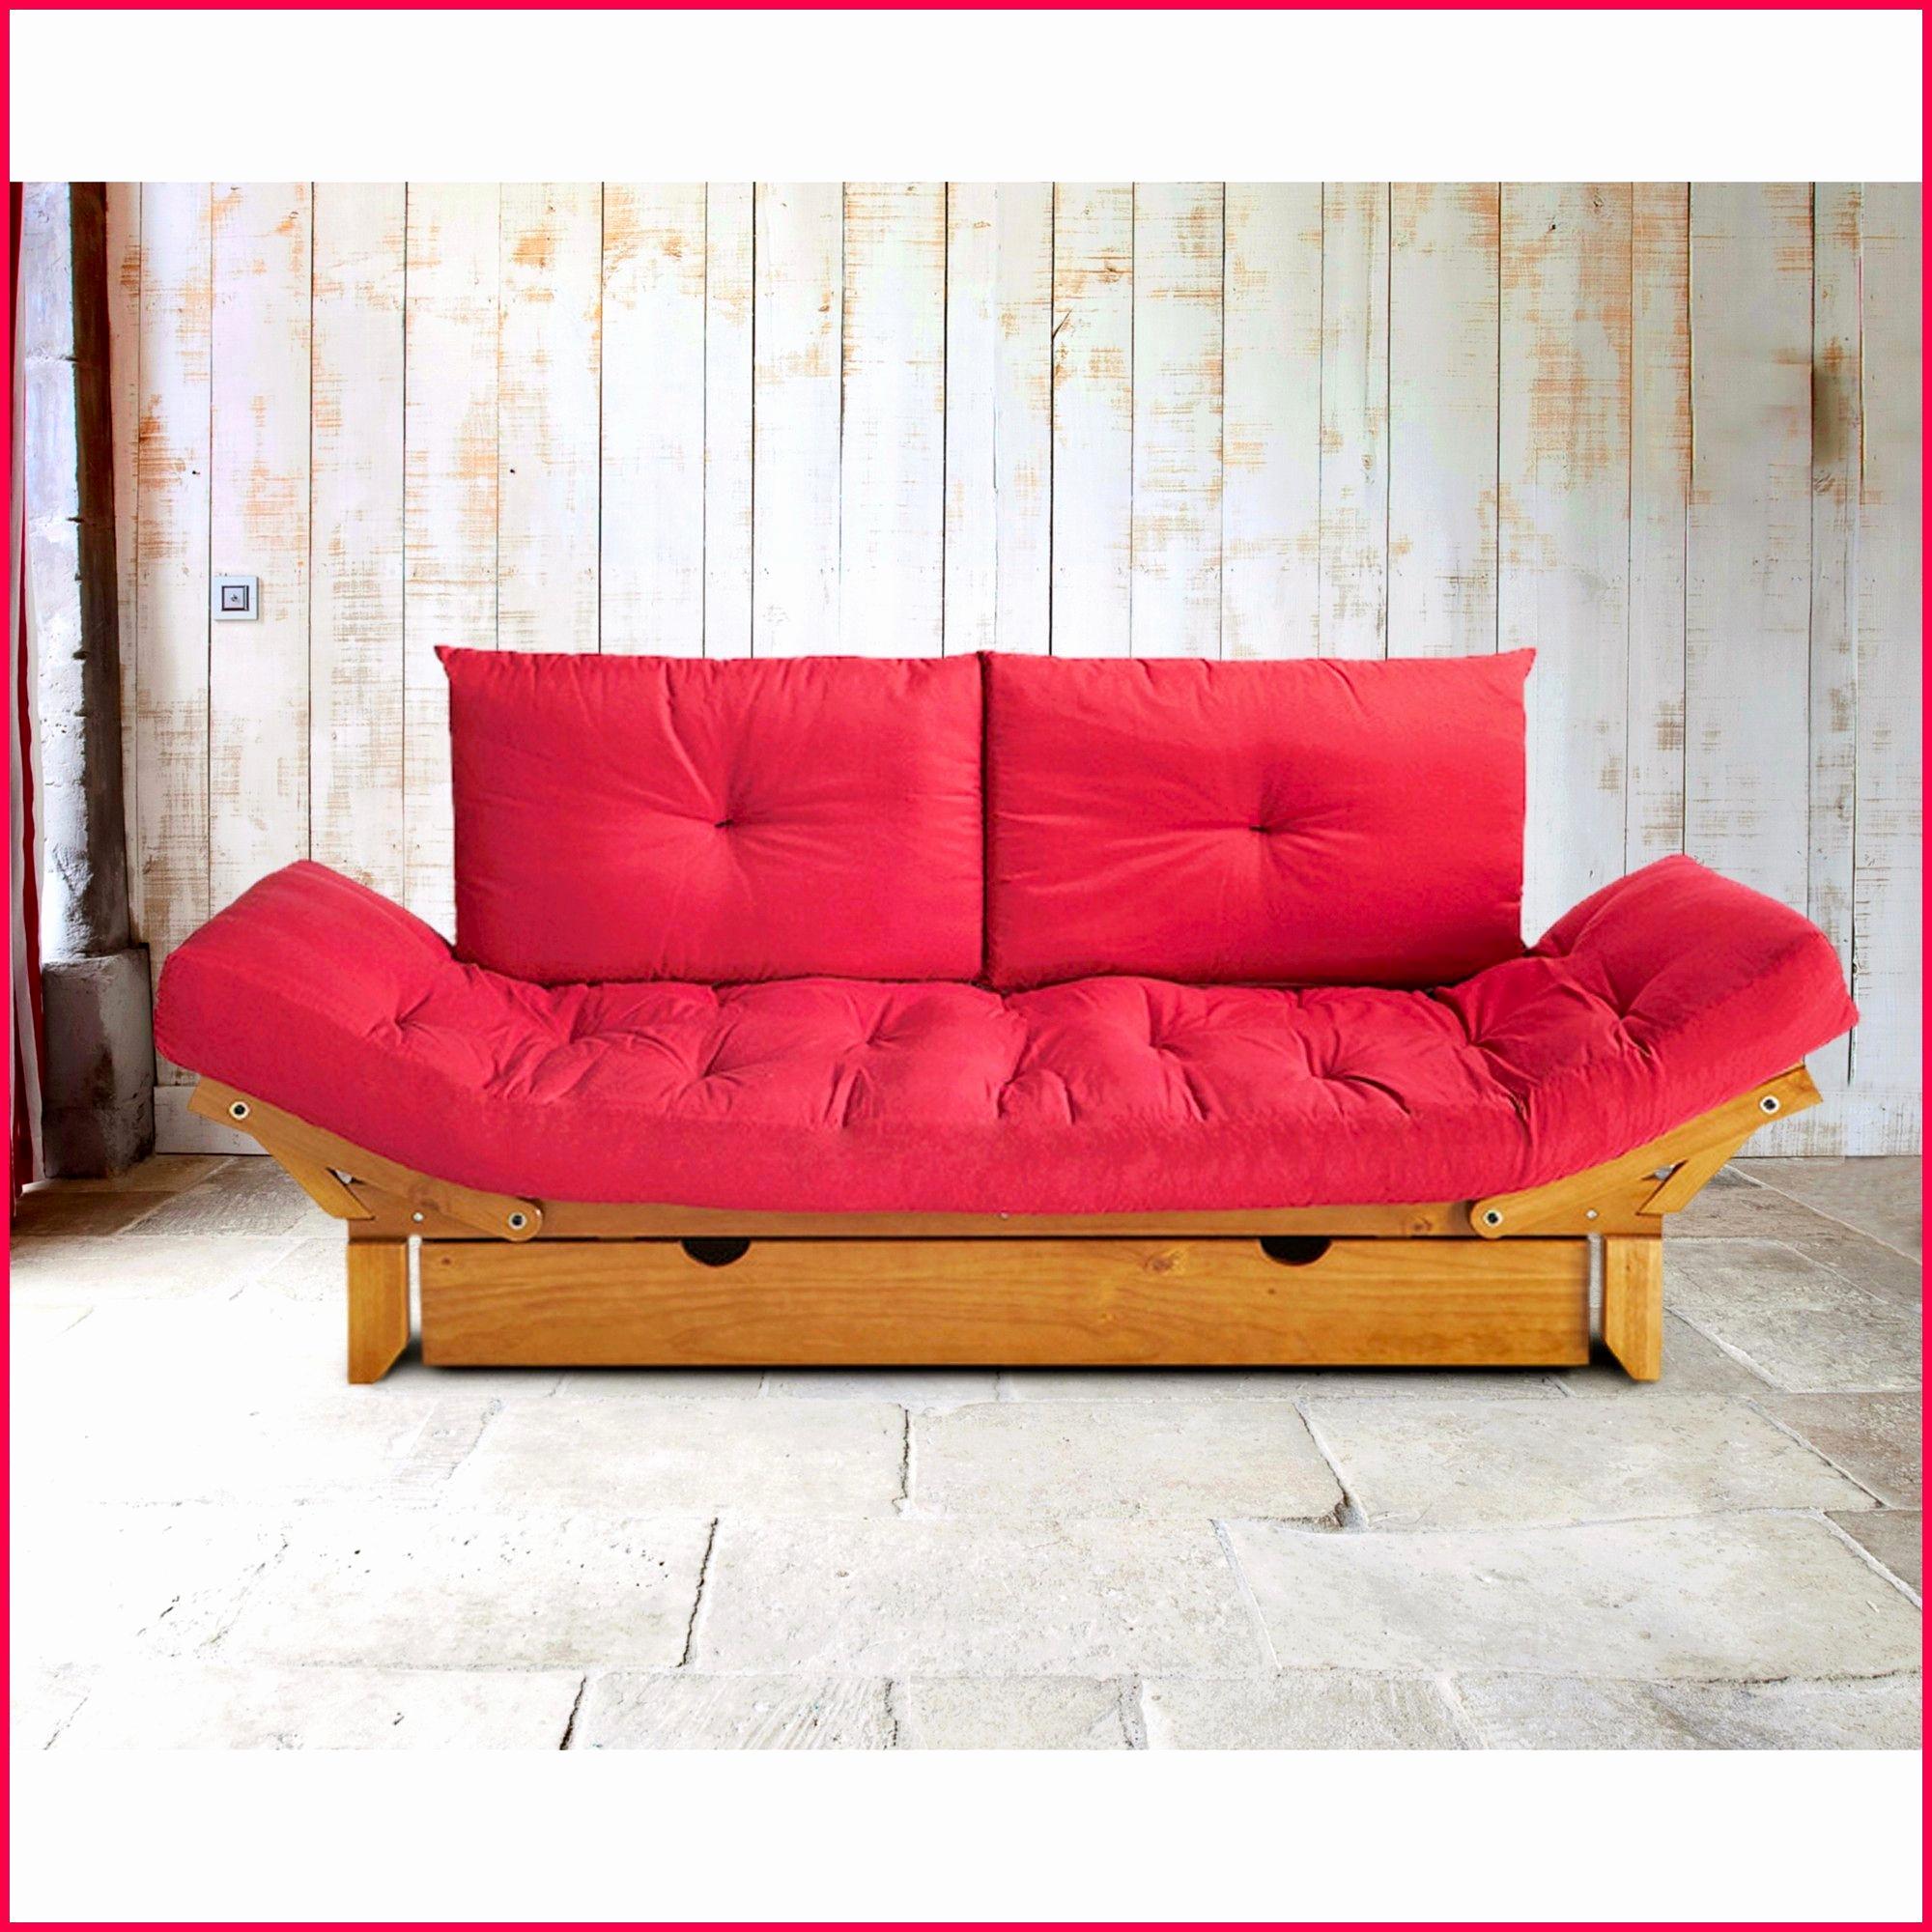 Canape solde Ikea Beau Images Bz Ikea 2 Places élégant Bz Futon Best Matelas Banquette Bz Meilleur